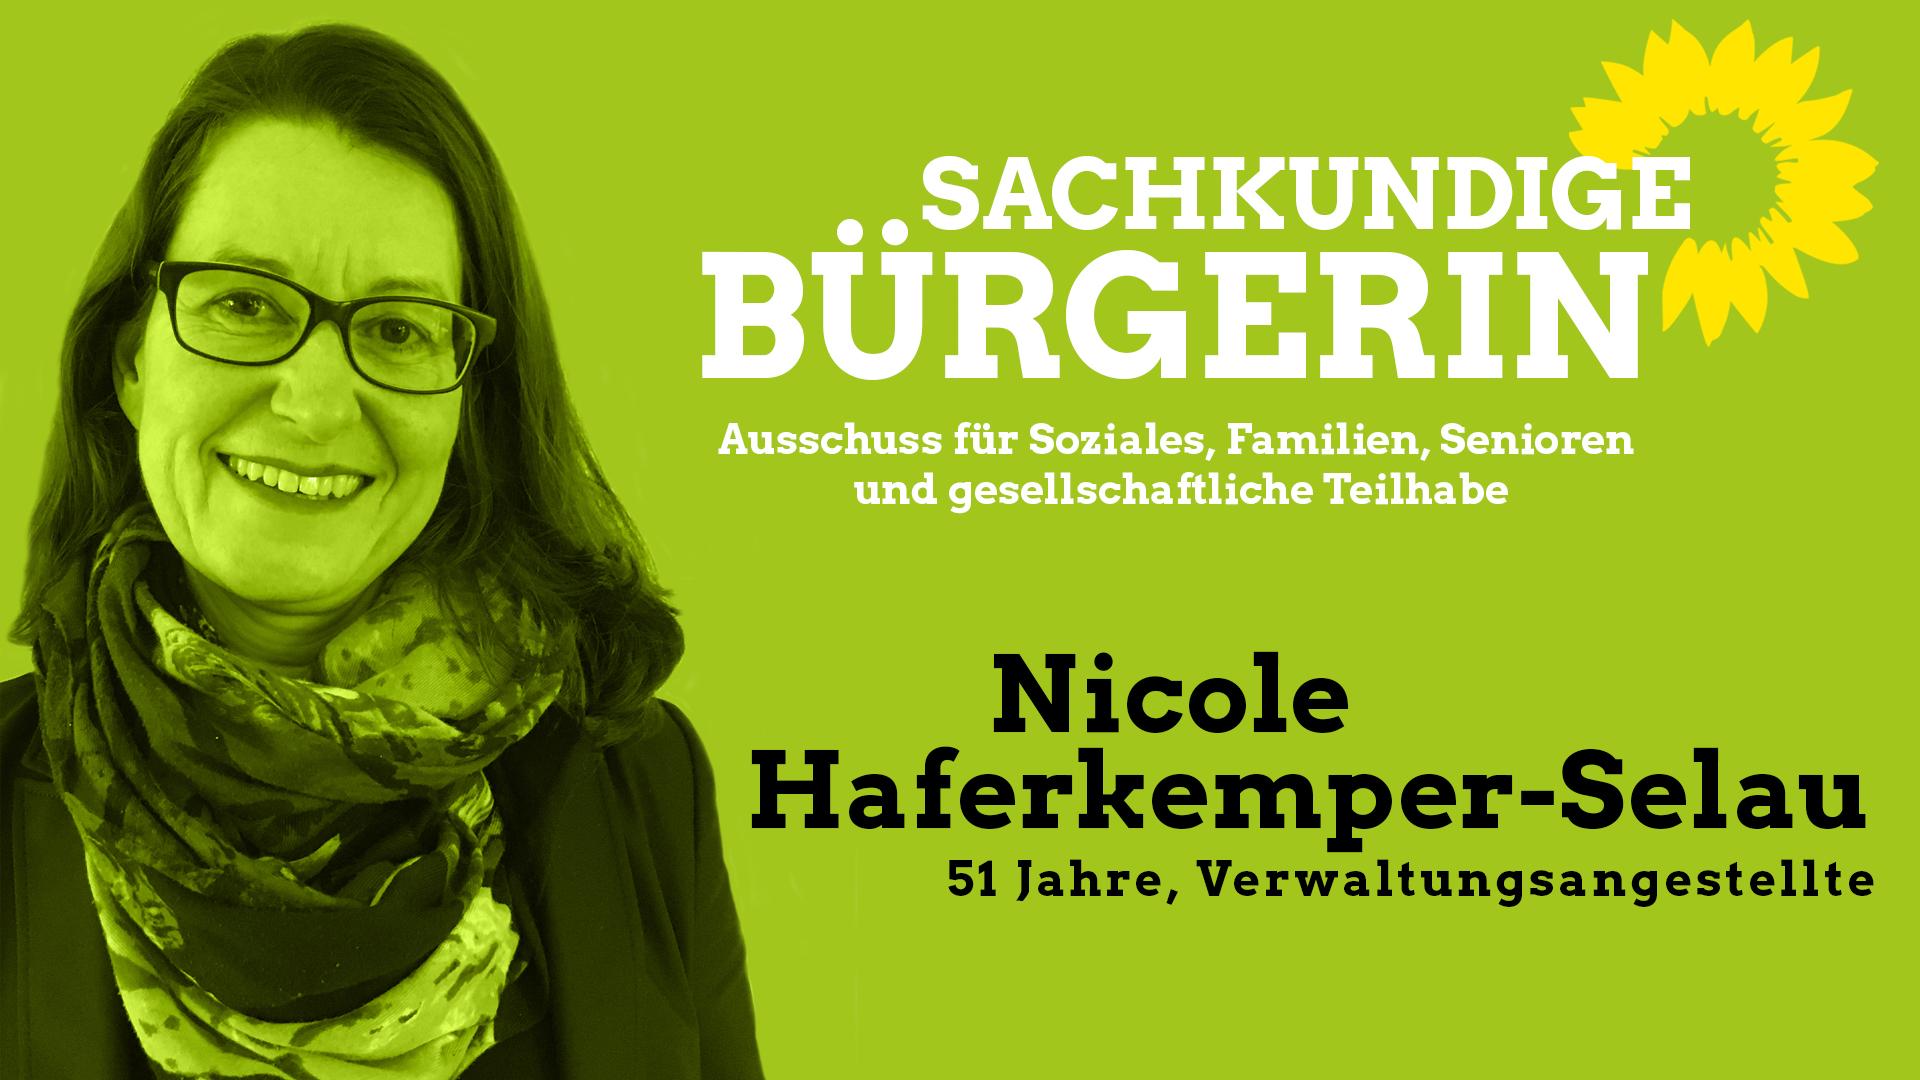 Nicole Haferkemper-Selau, sachkundige Bürgerin